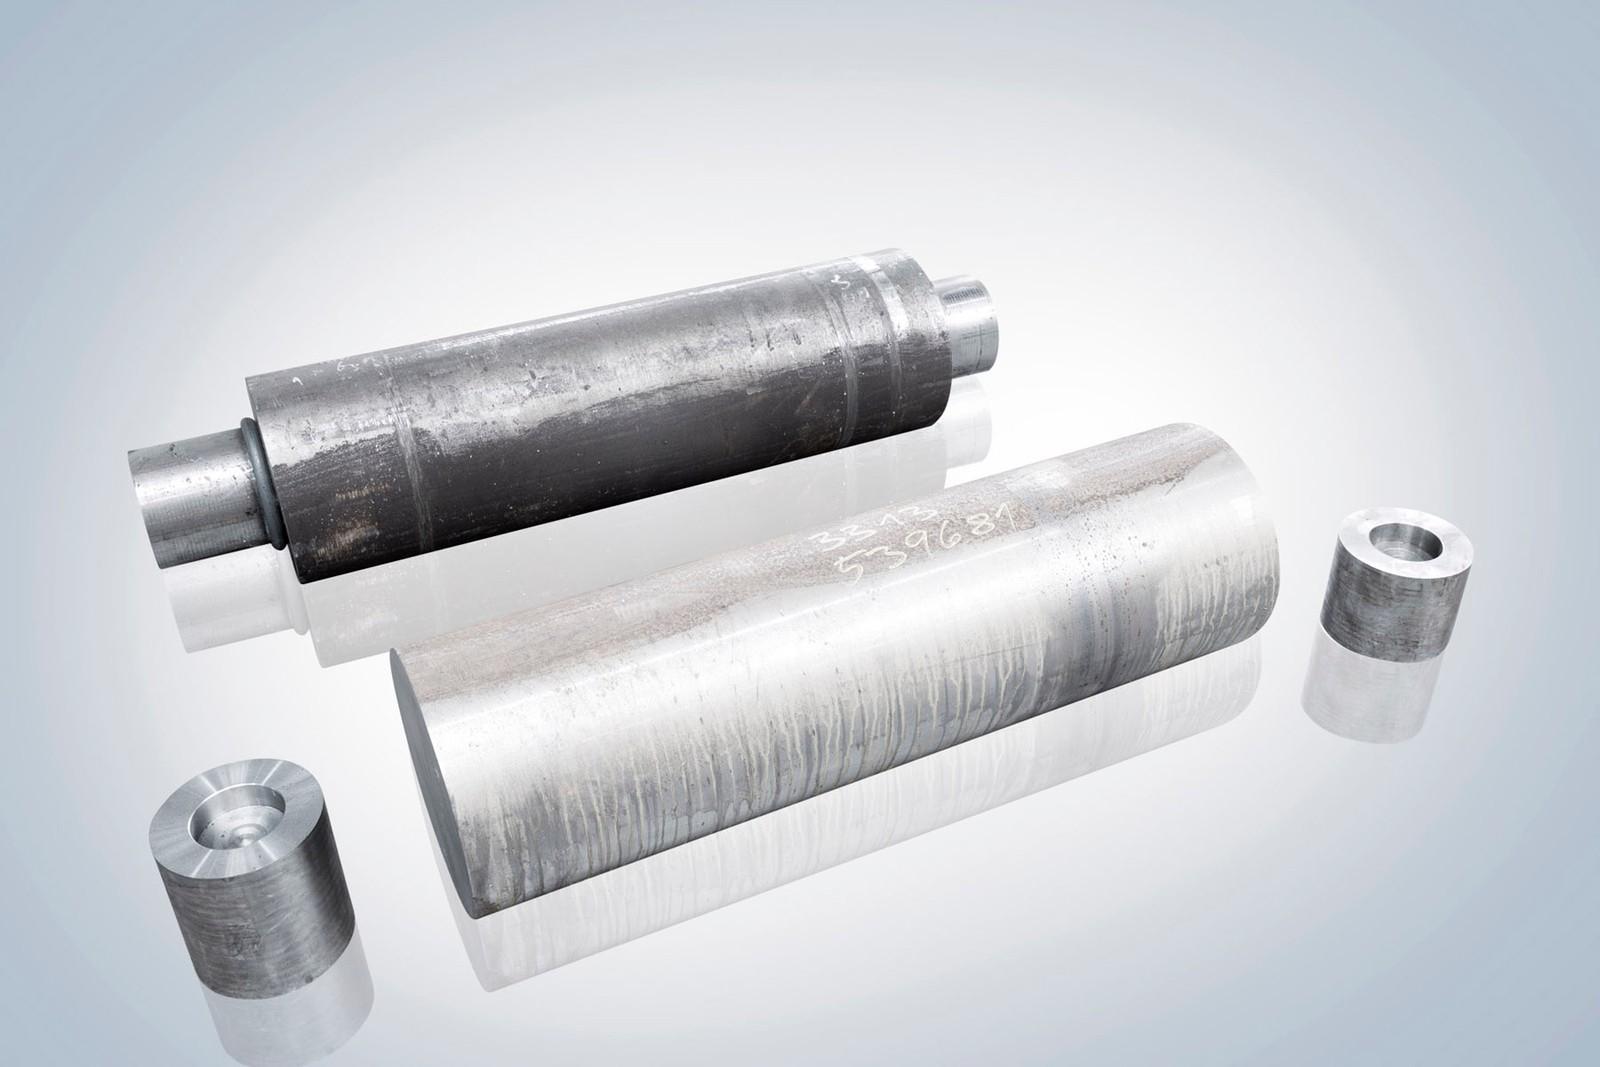 Rohmaterial von Guenter+Schramm für den Zylinder und der reibgeschweißte Zylinder (hinten).